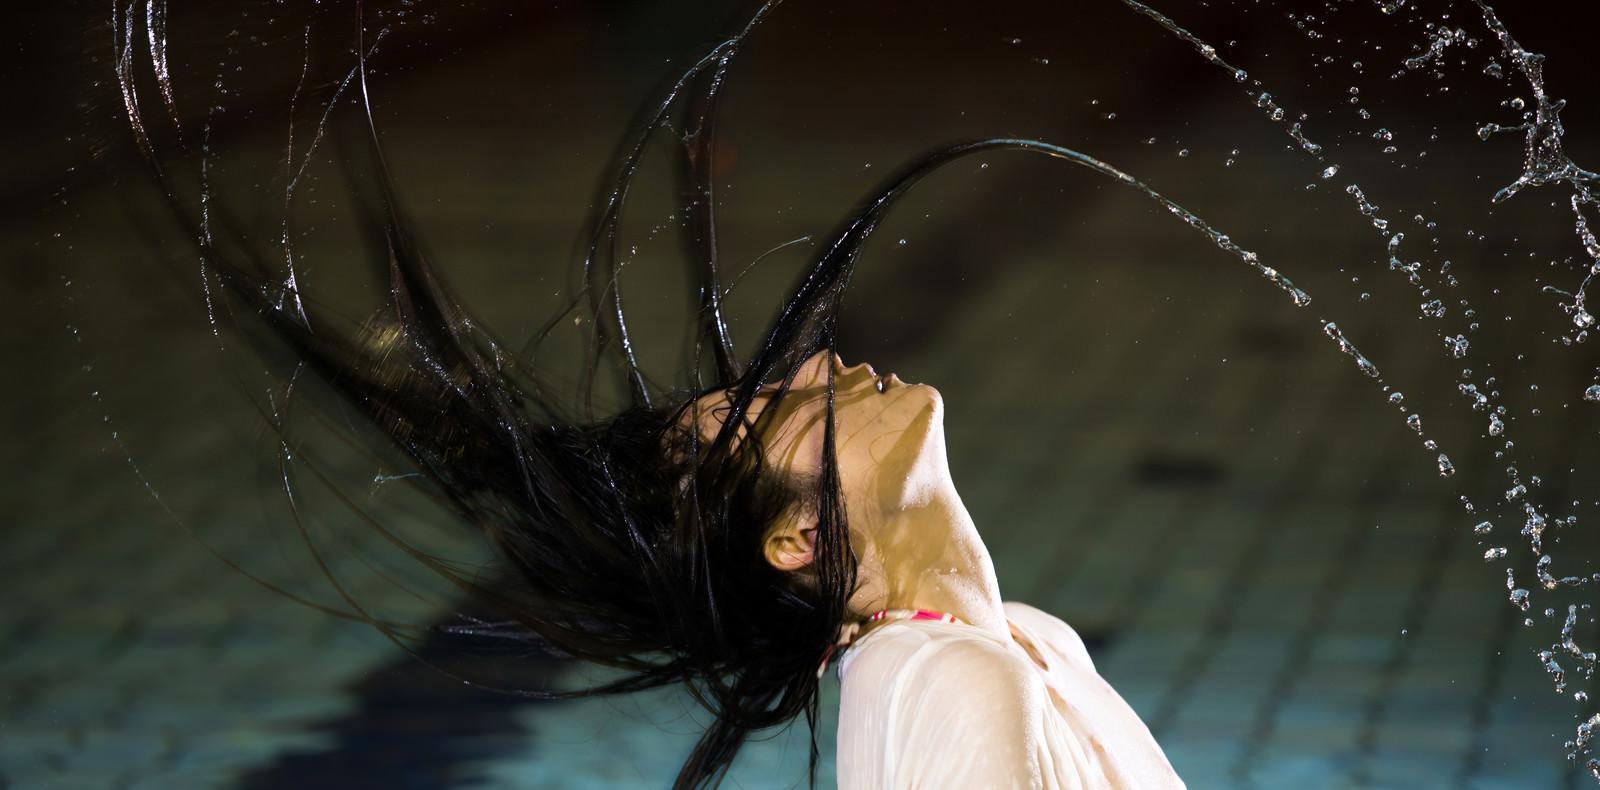 「プールで髪の毛バッサー」の写真[モデル:たけべともこ]